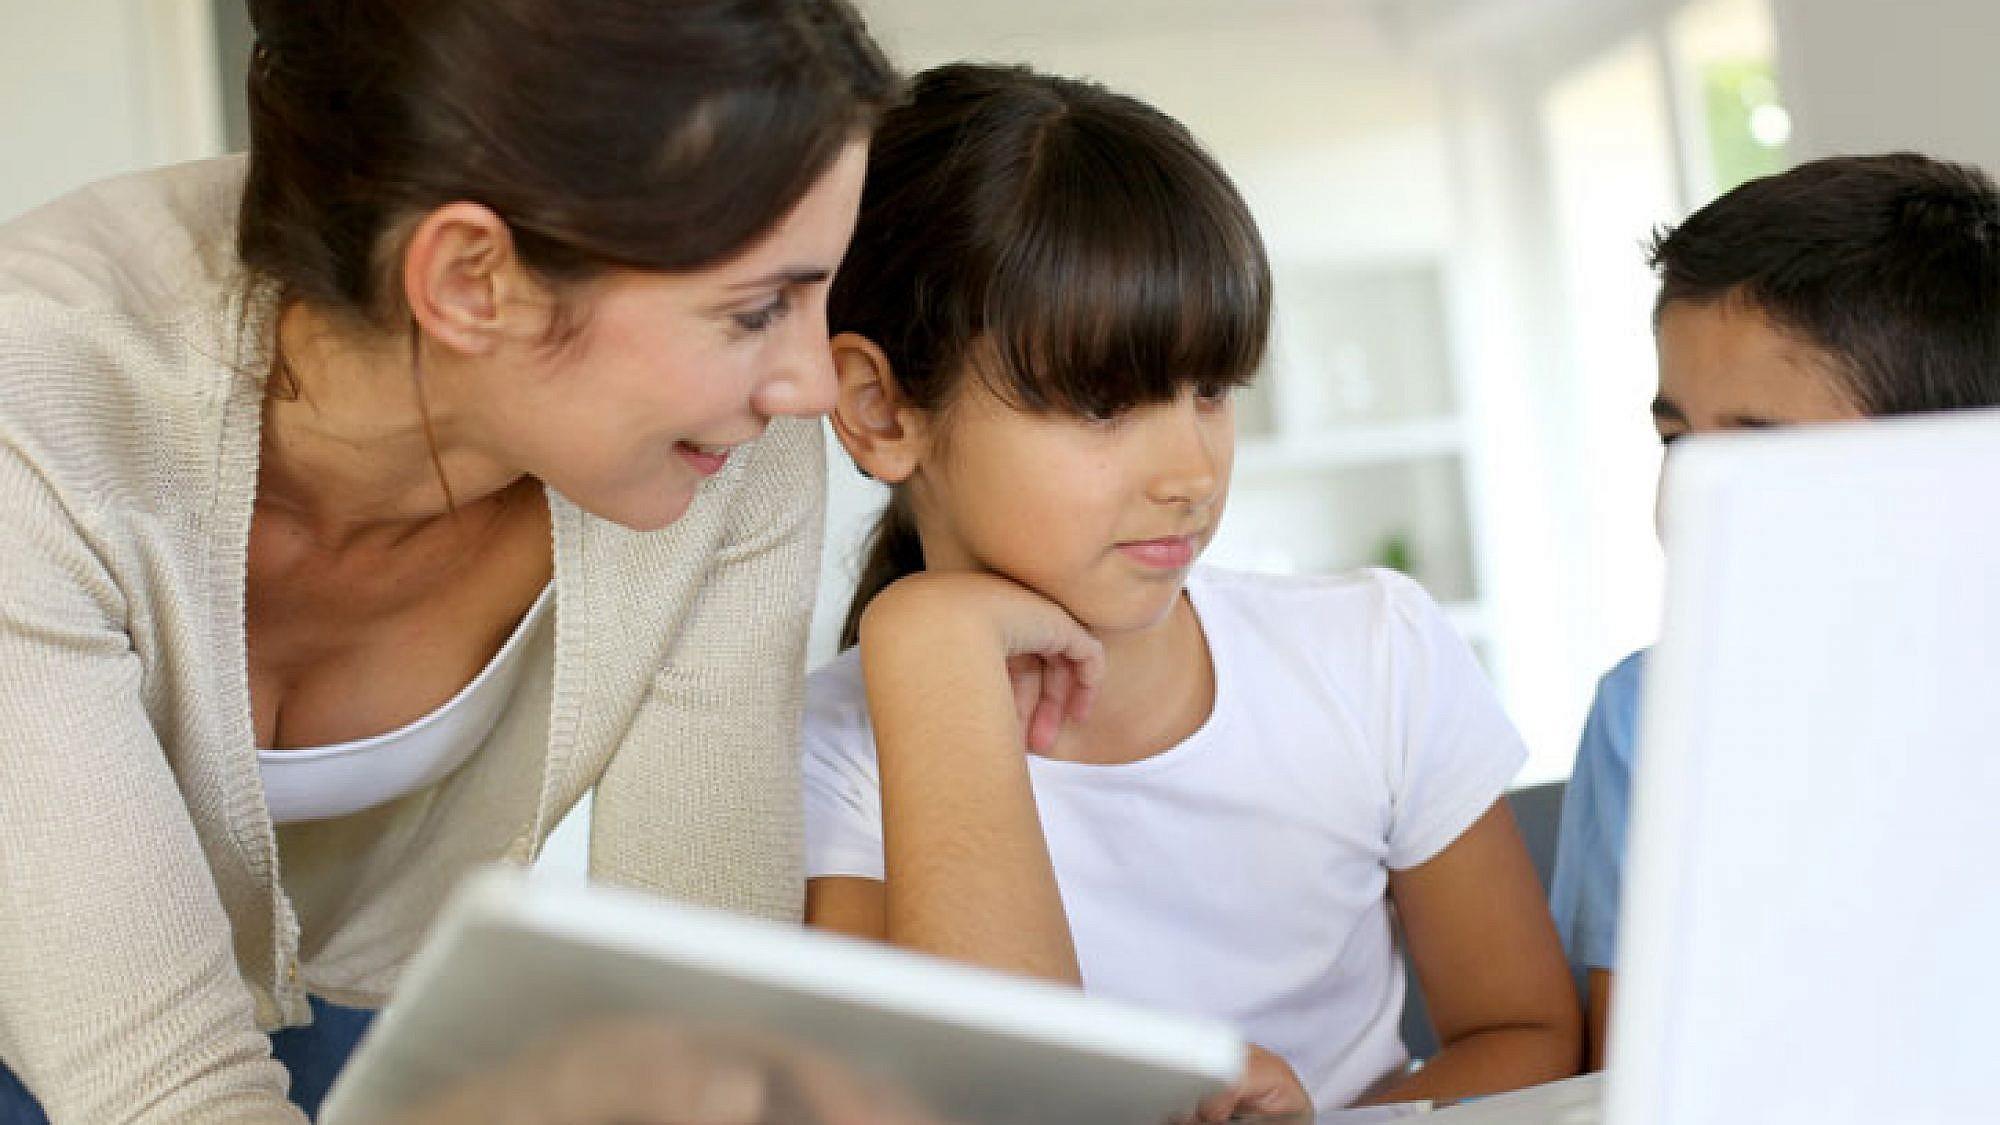 מסתבר שהרשת החברתית יעילה ללמידה | צלם: goodluz - Fotolia